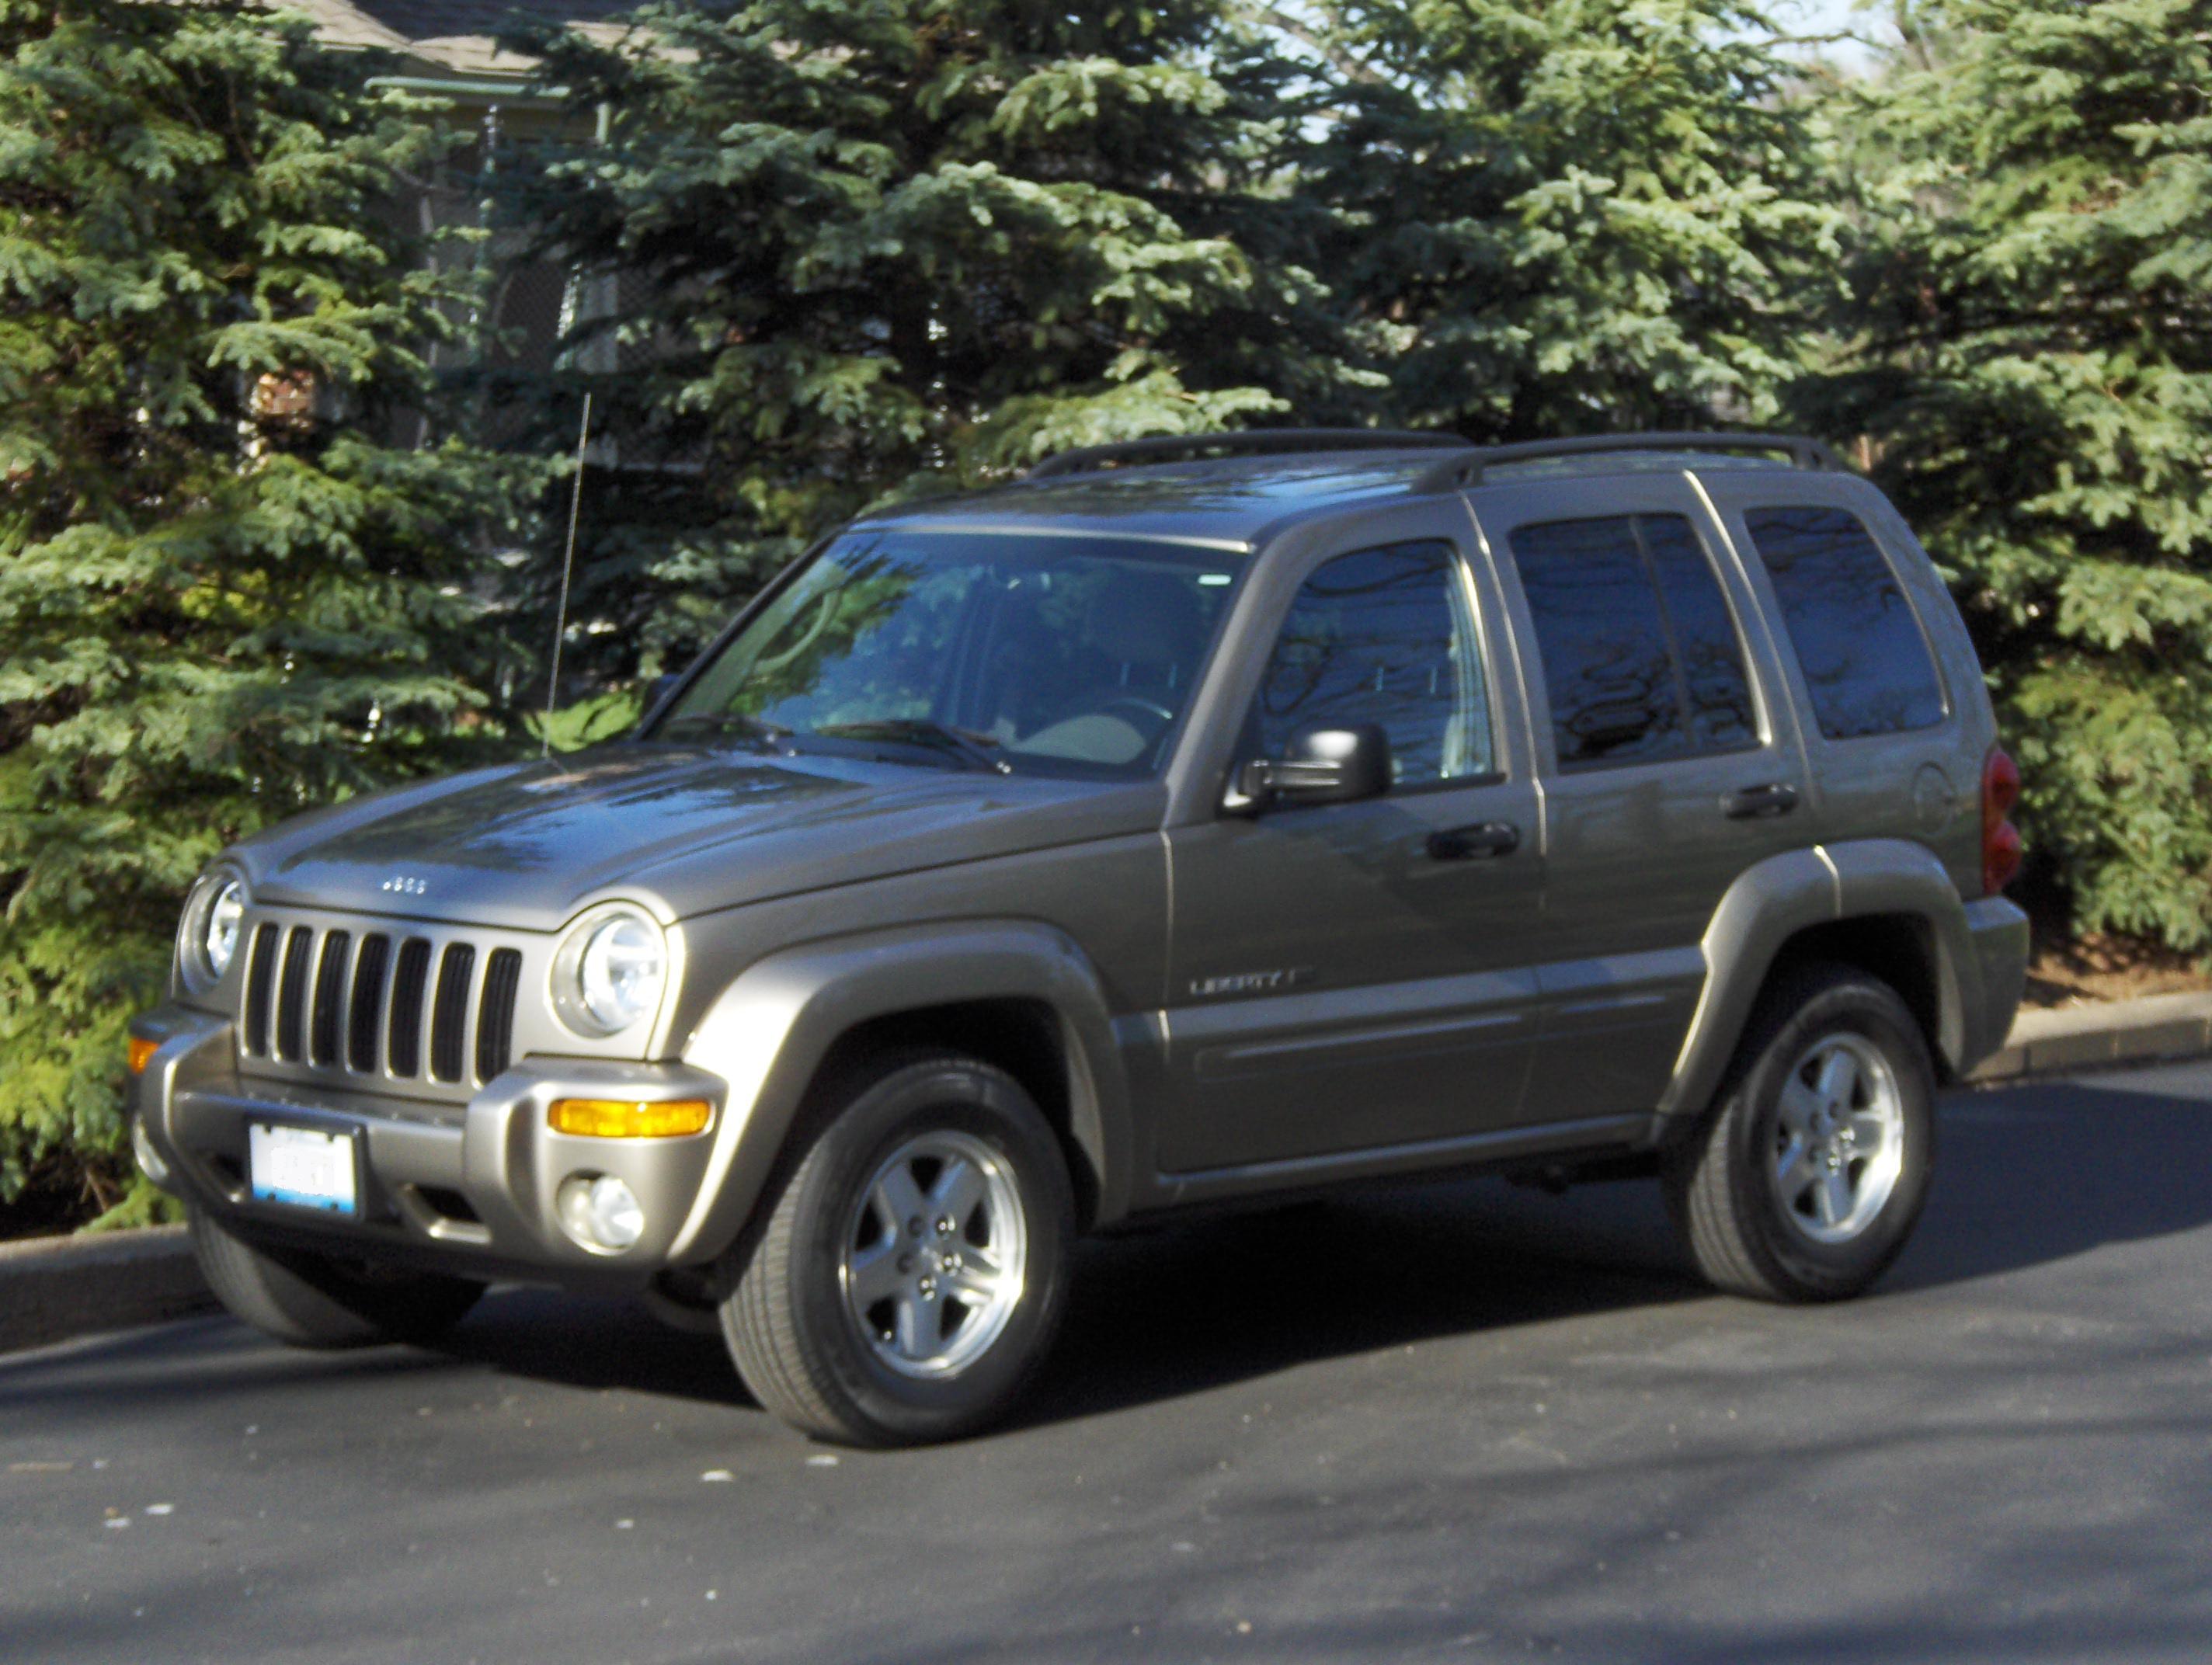 File:Jeep Liberty 03 Khaki.JPG - Wikimedia Commons